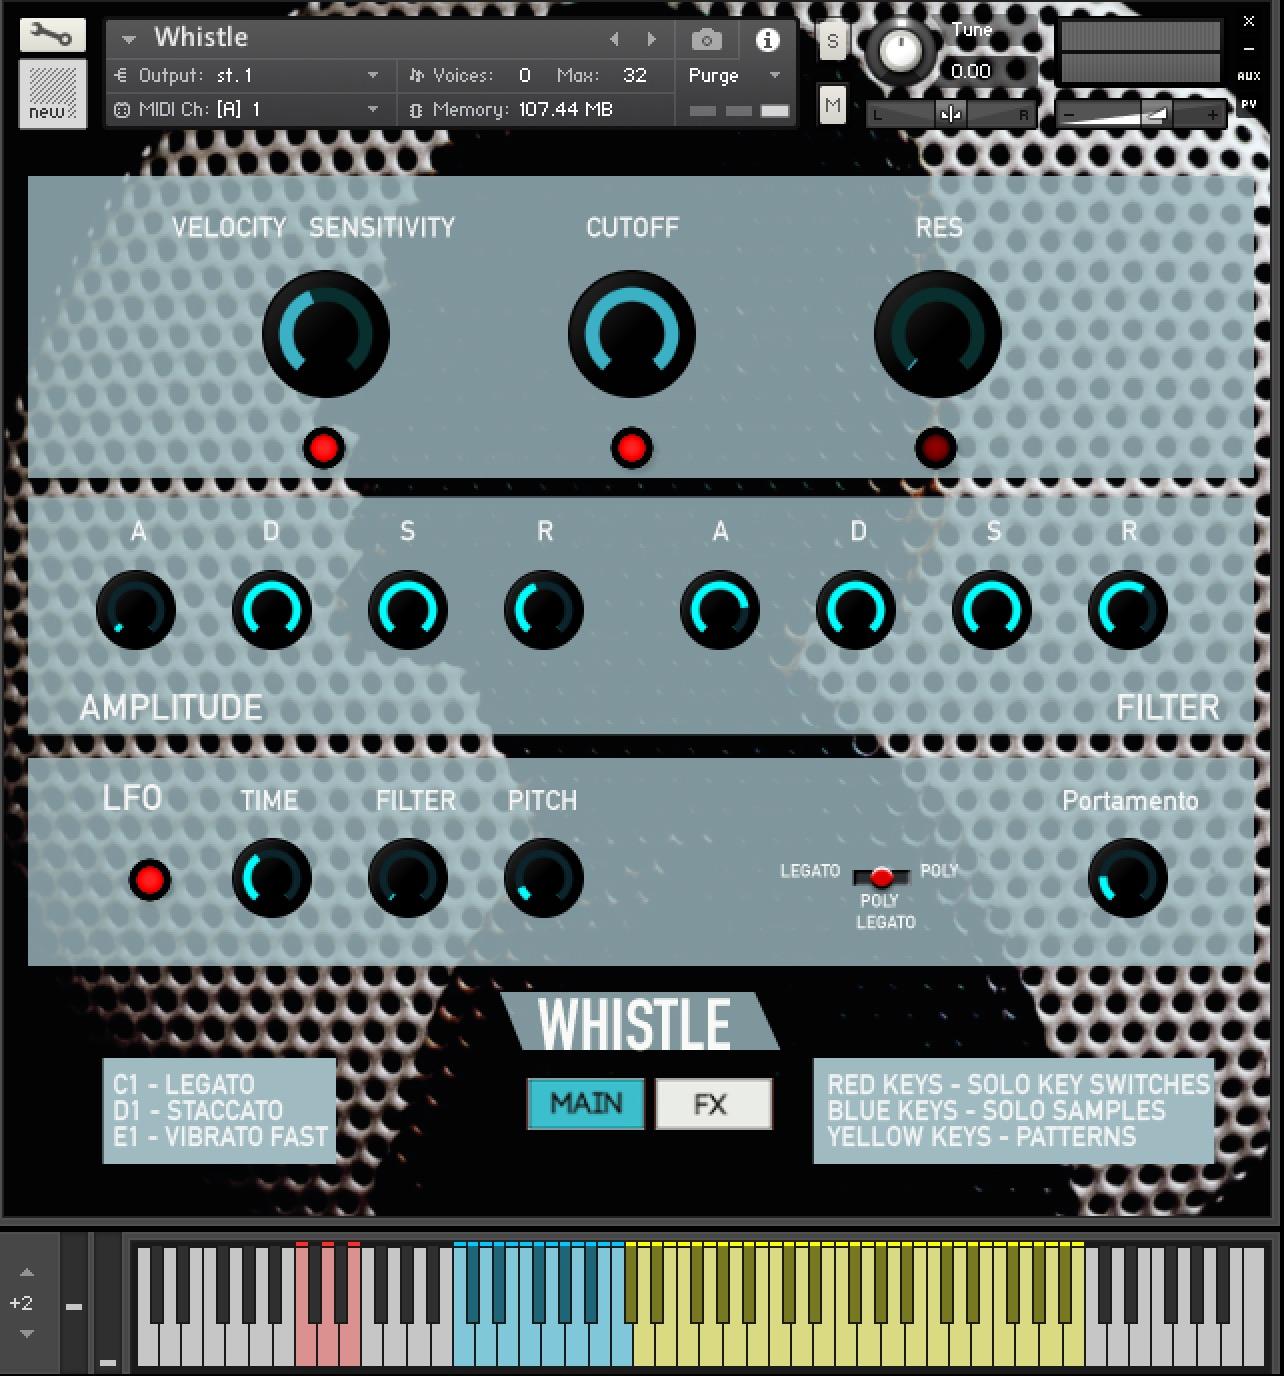 KVR: Rast Sound releases Whistle for Kontakt - free until 2019